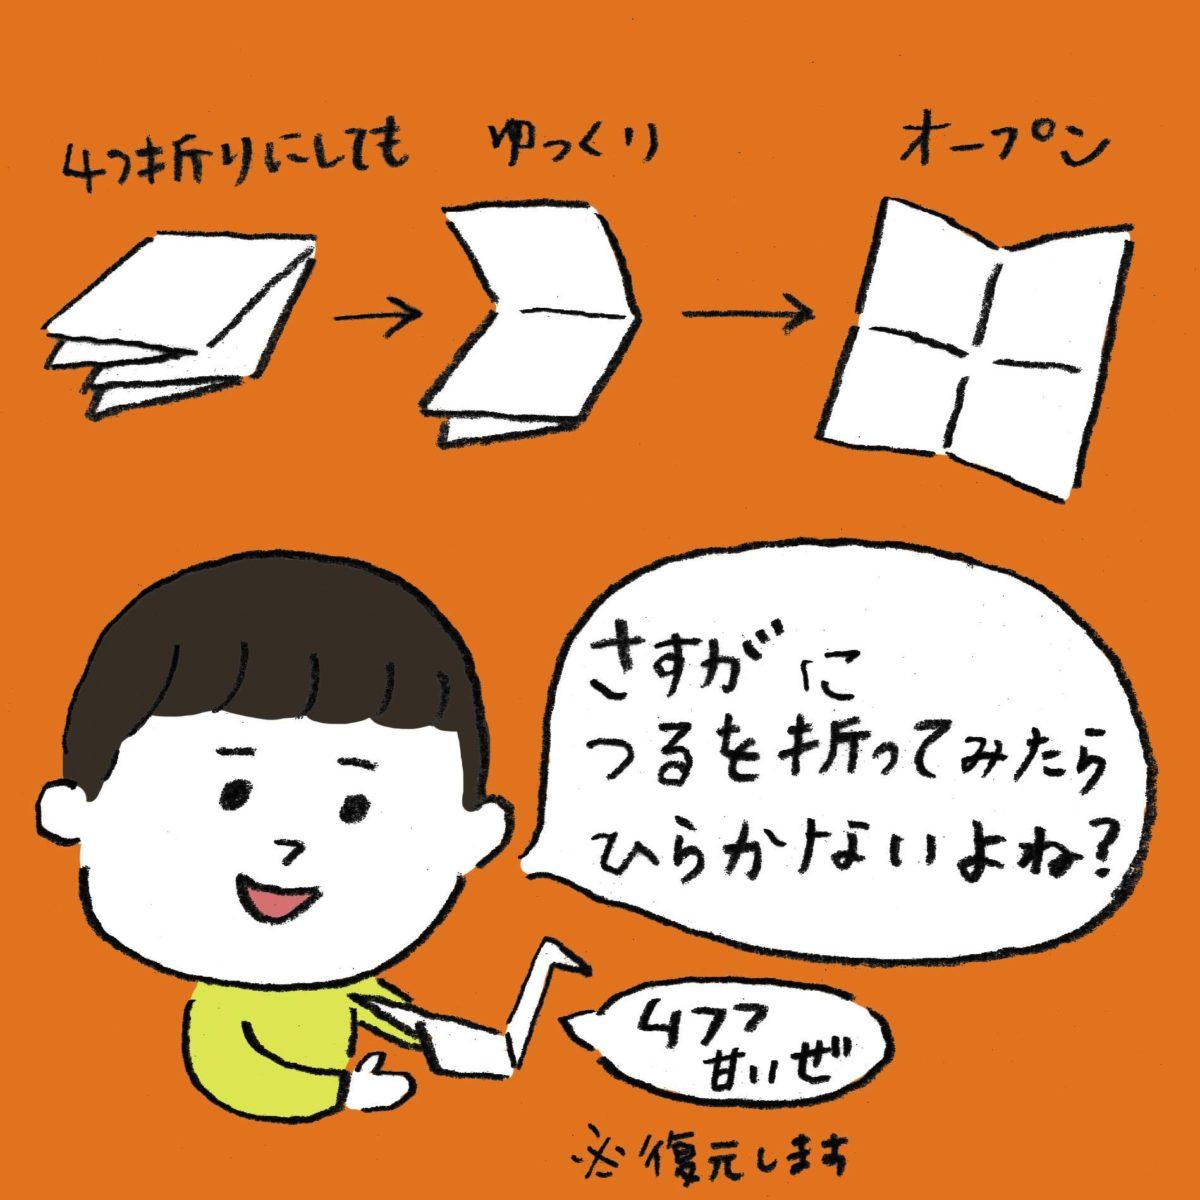 超すごい!メイドインジャパンのハイテク投票用紙!